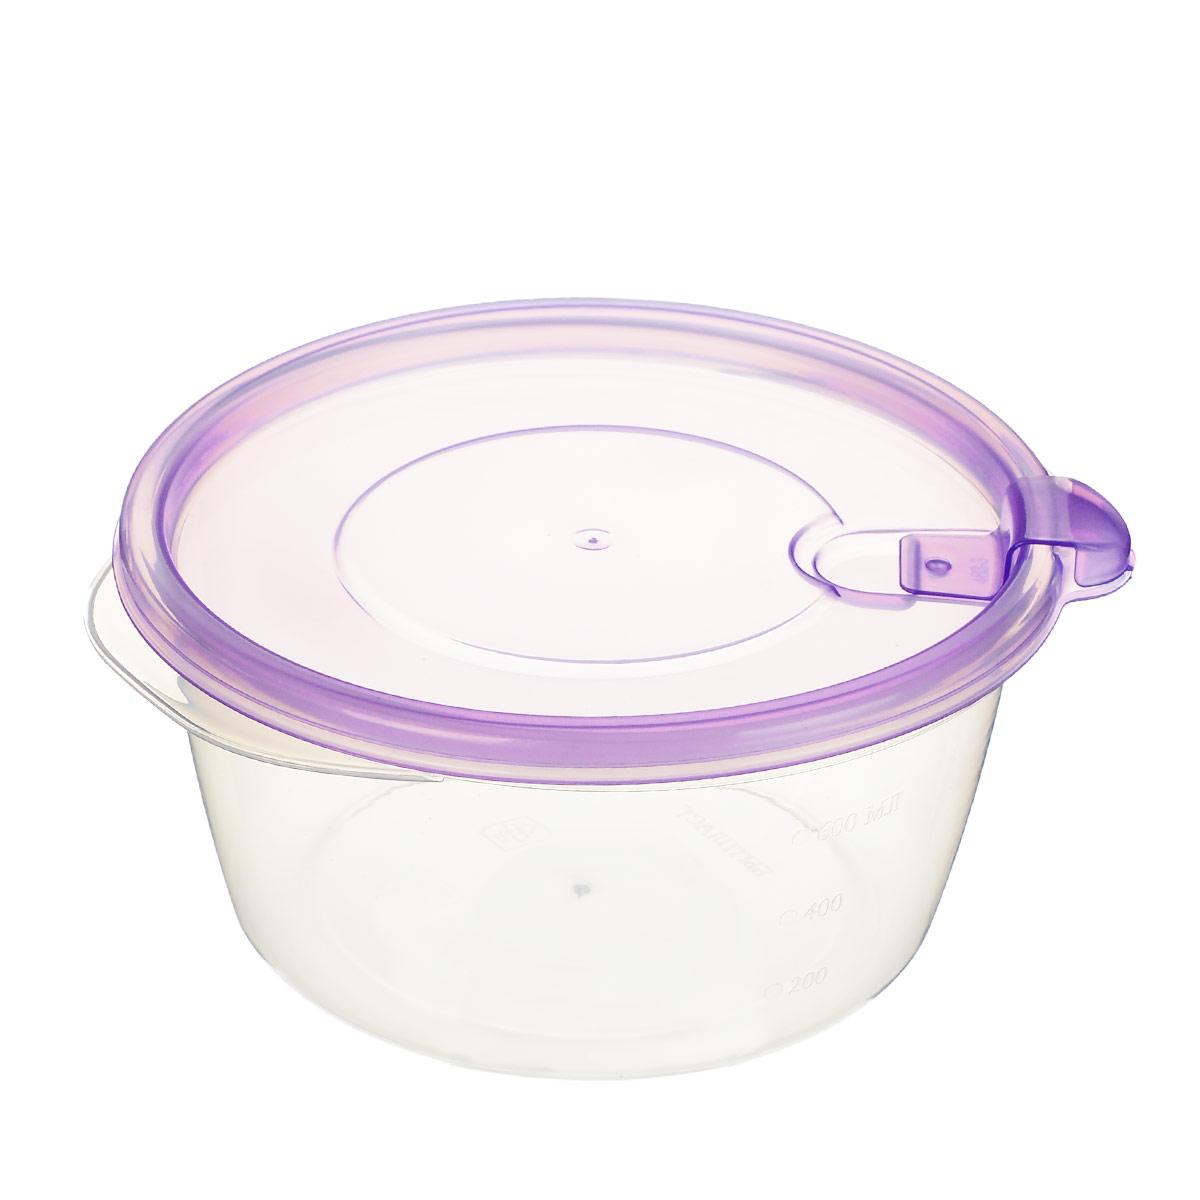 """Набор контейнеров Phibo """"Фрэш"""", с клапаном, цвет: прозрачный, фиолетовый, 750 мл, 3 шт"""